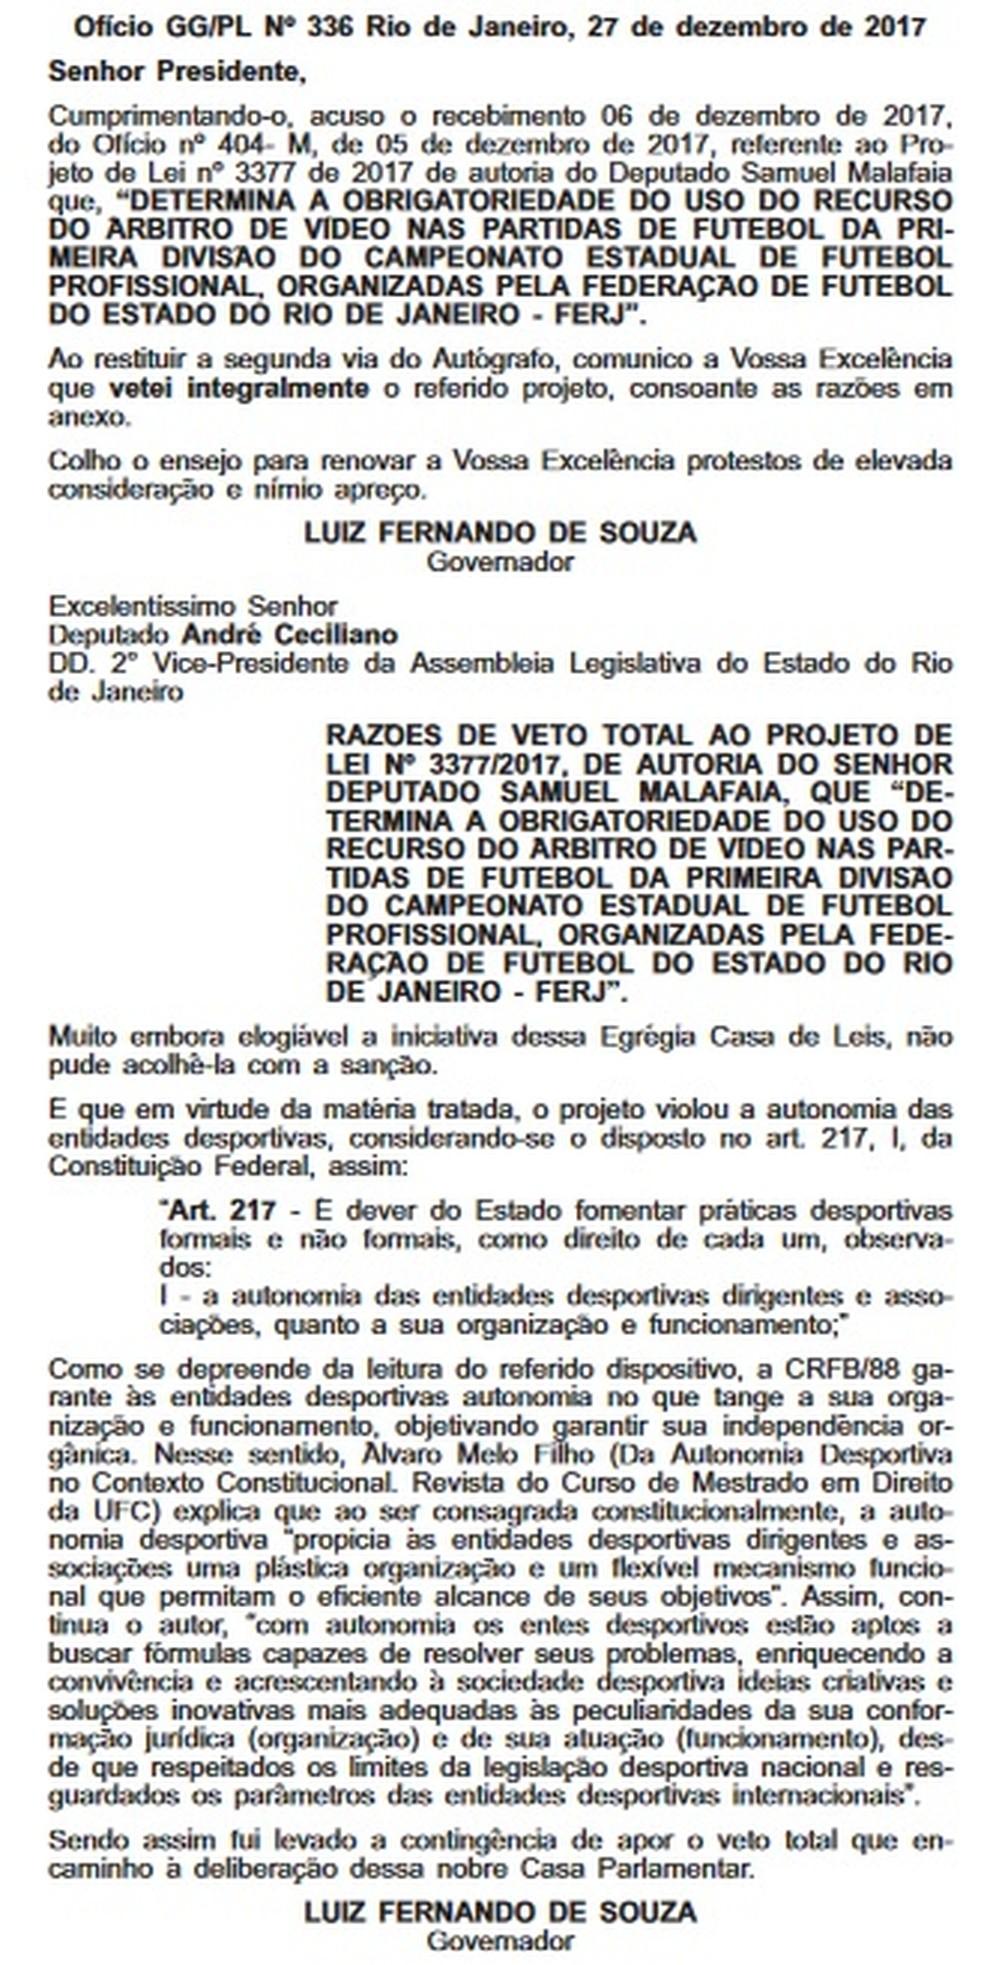 Diário Oficial - Pezão/Carioca (Foto: Reprodução)